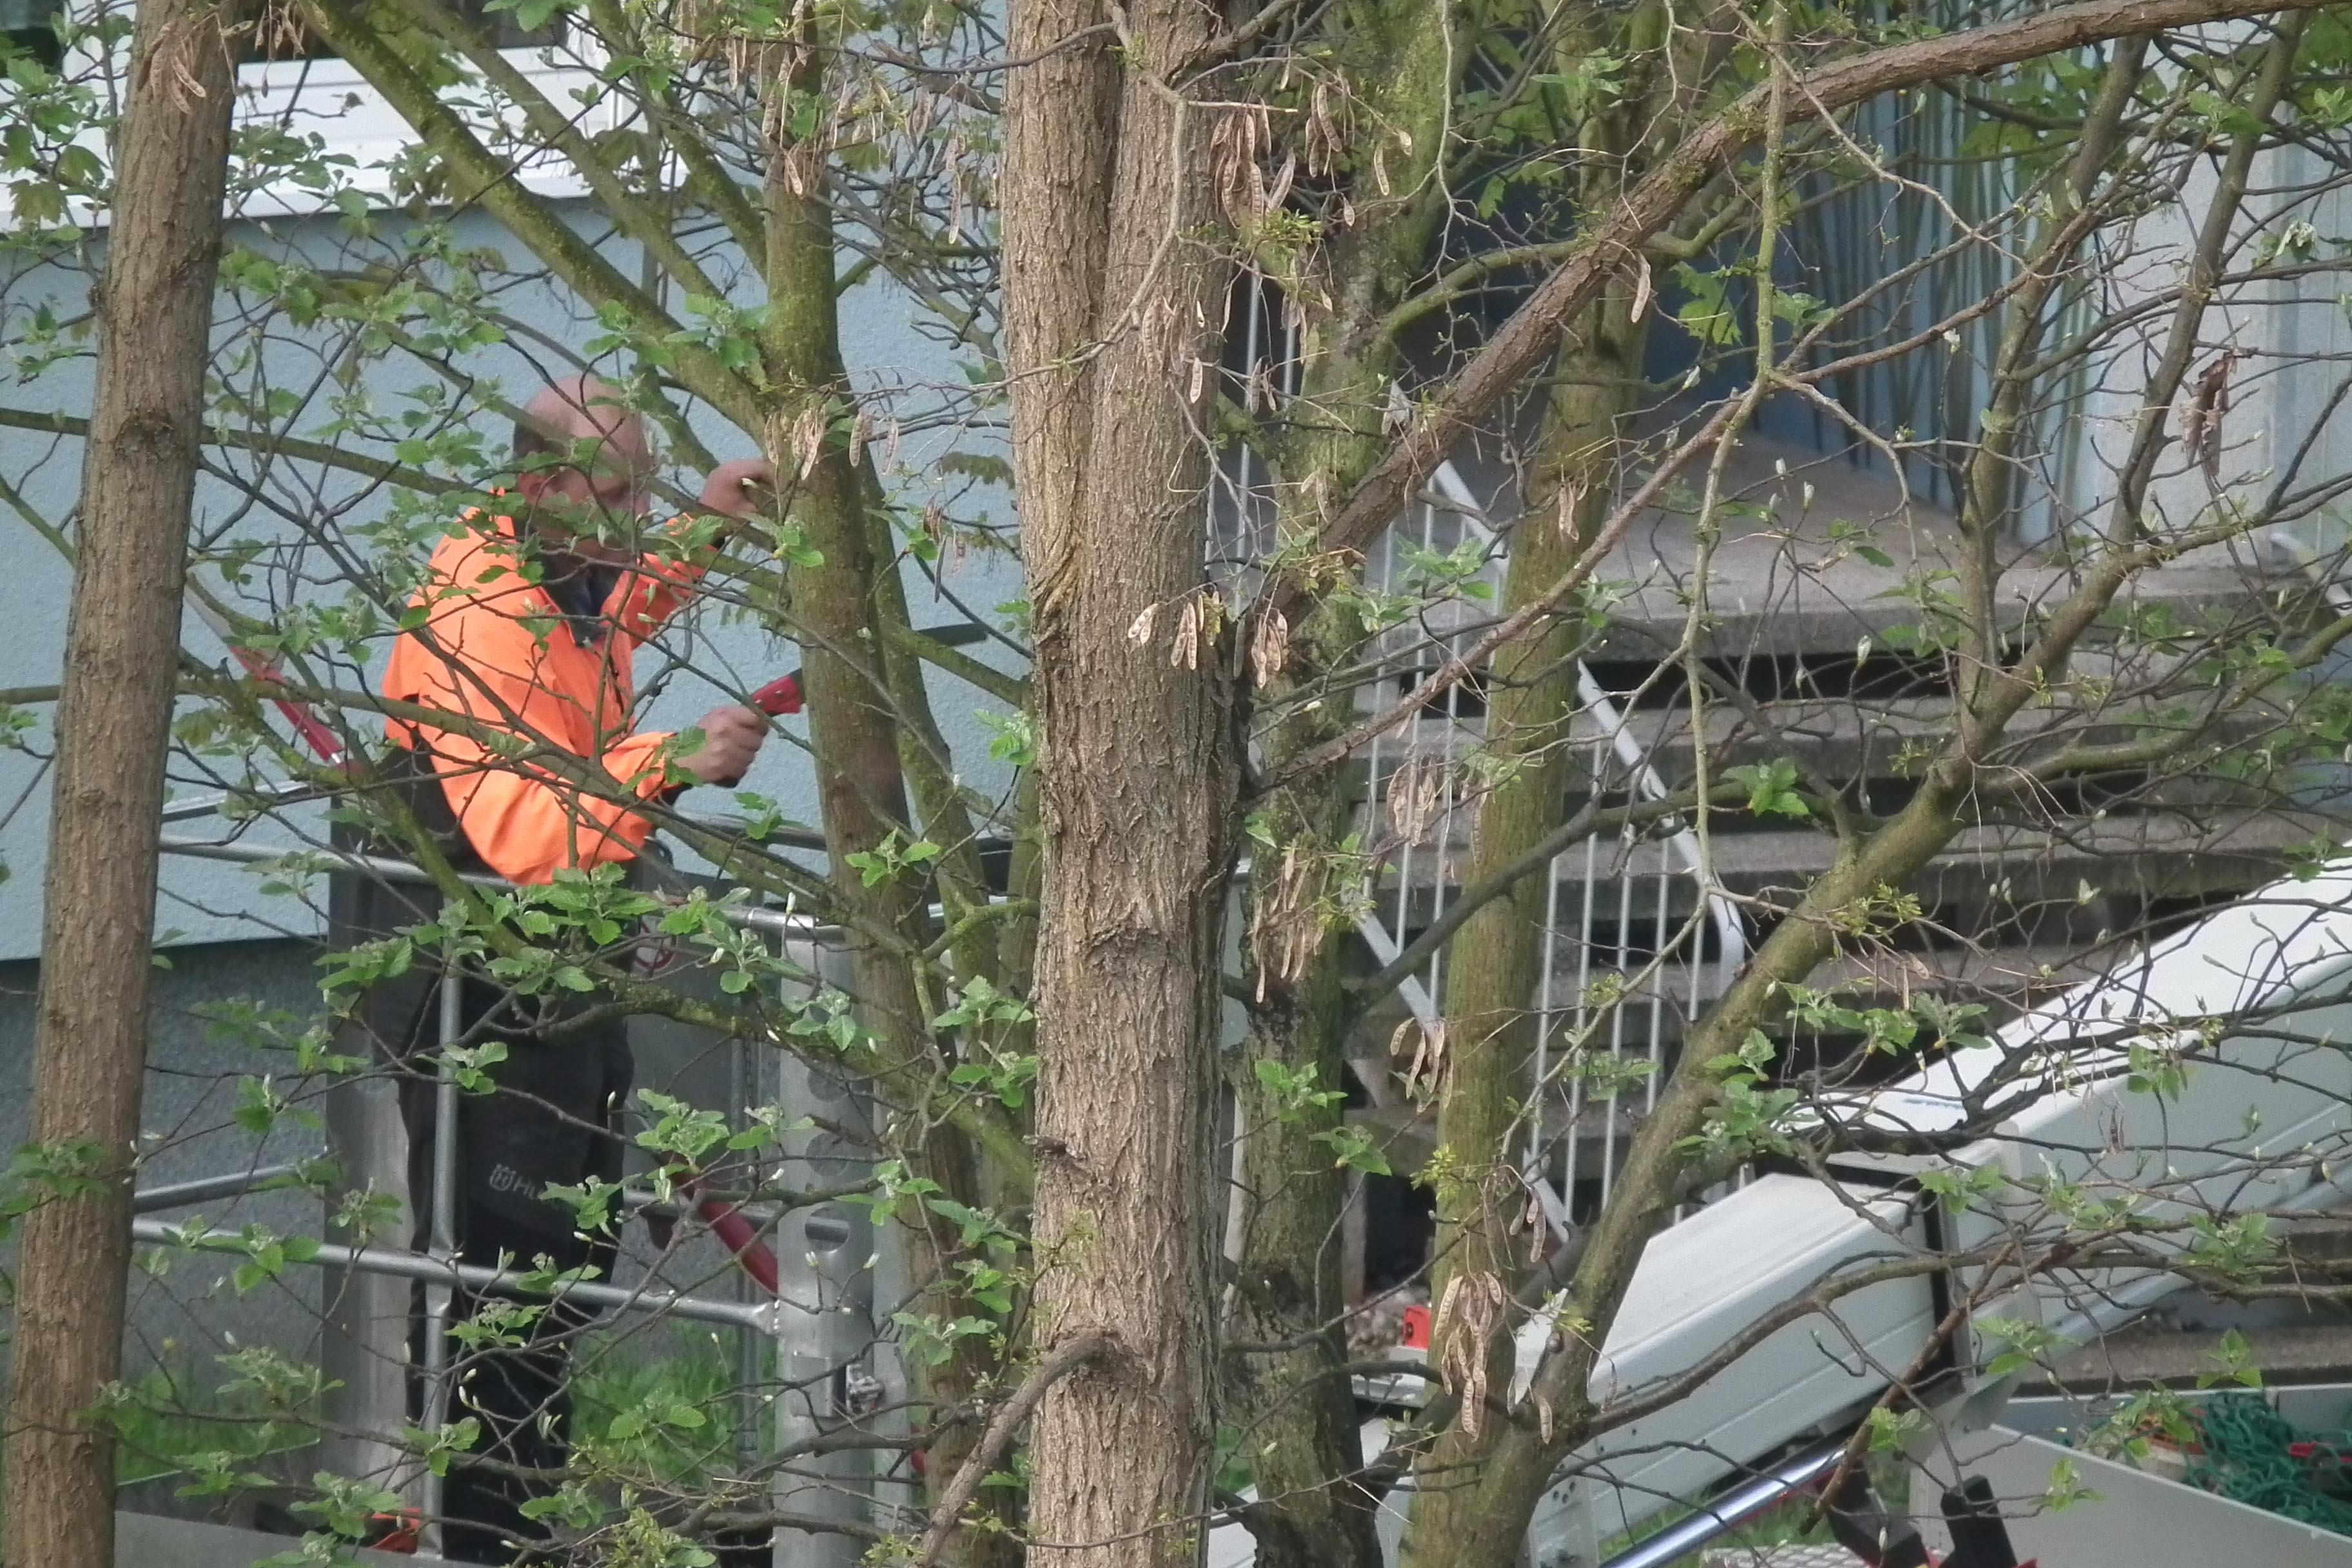 Untere Naturschutzbehörde erinnert: Gehölzschnitt nur bis Ende Februar zulässig (Foto: xity)